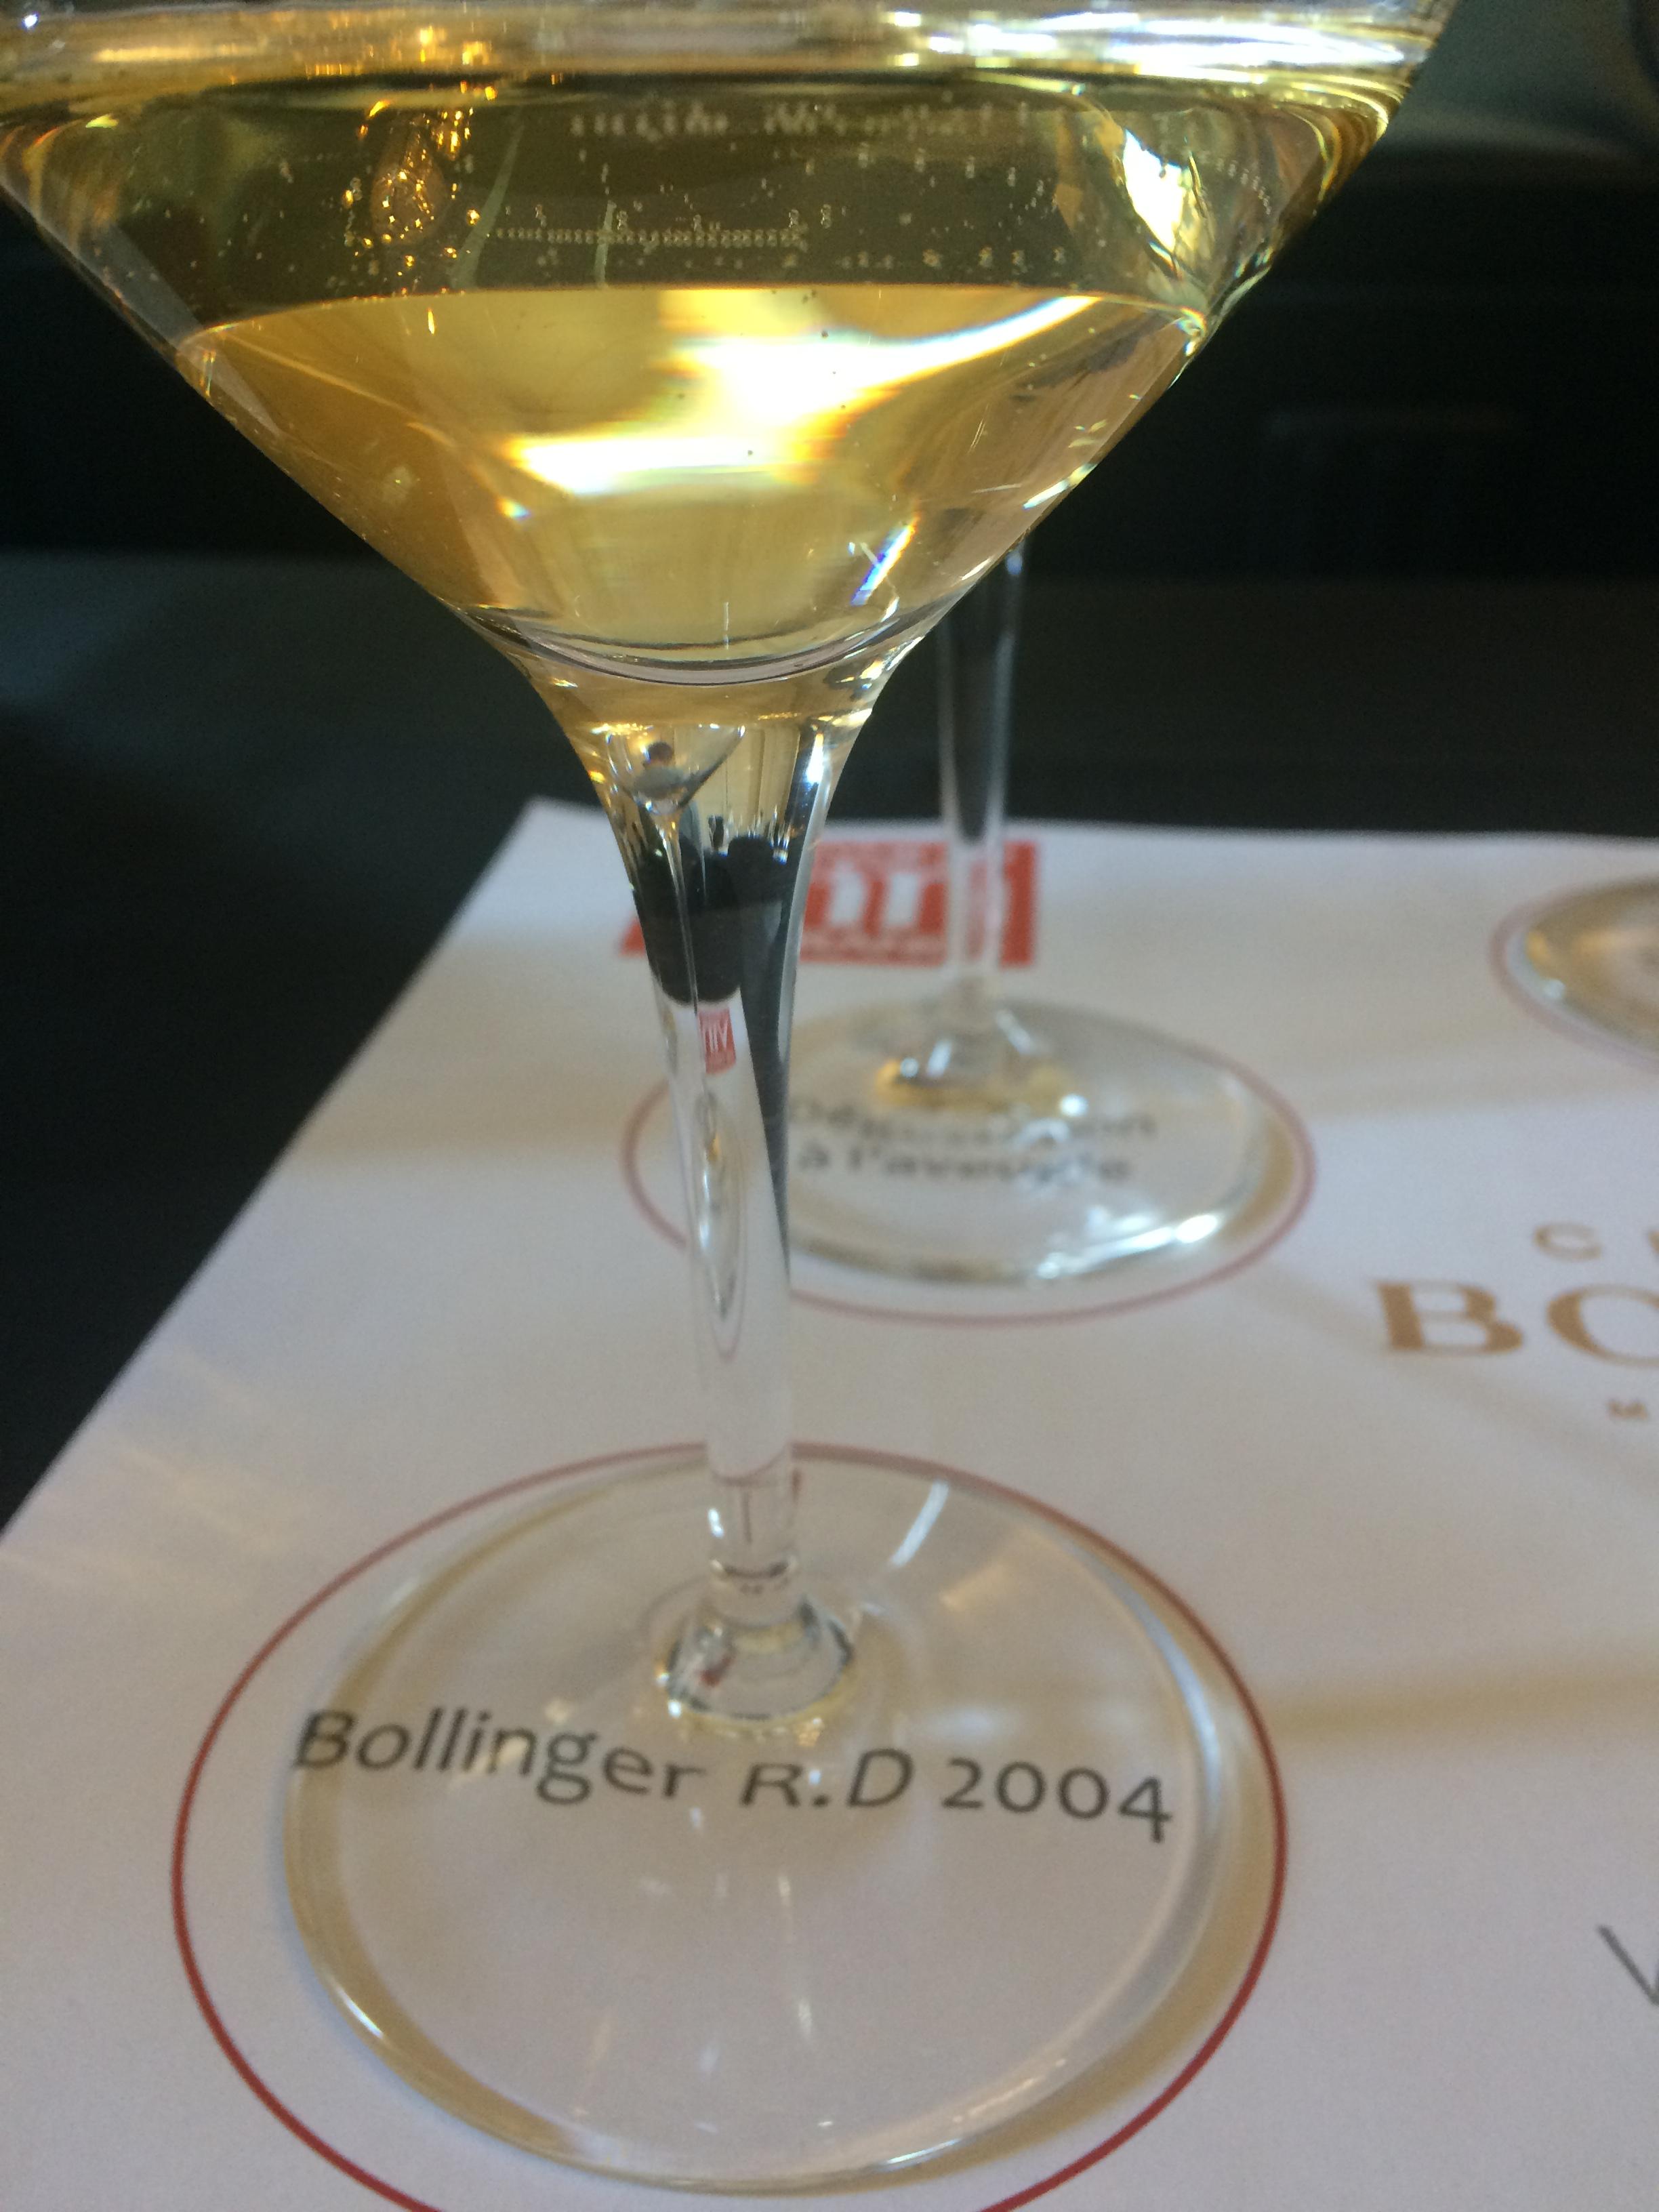 Bollinger RD 2004